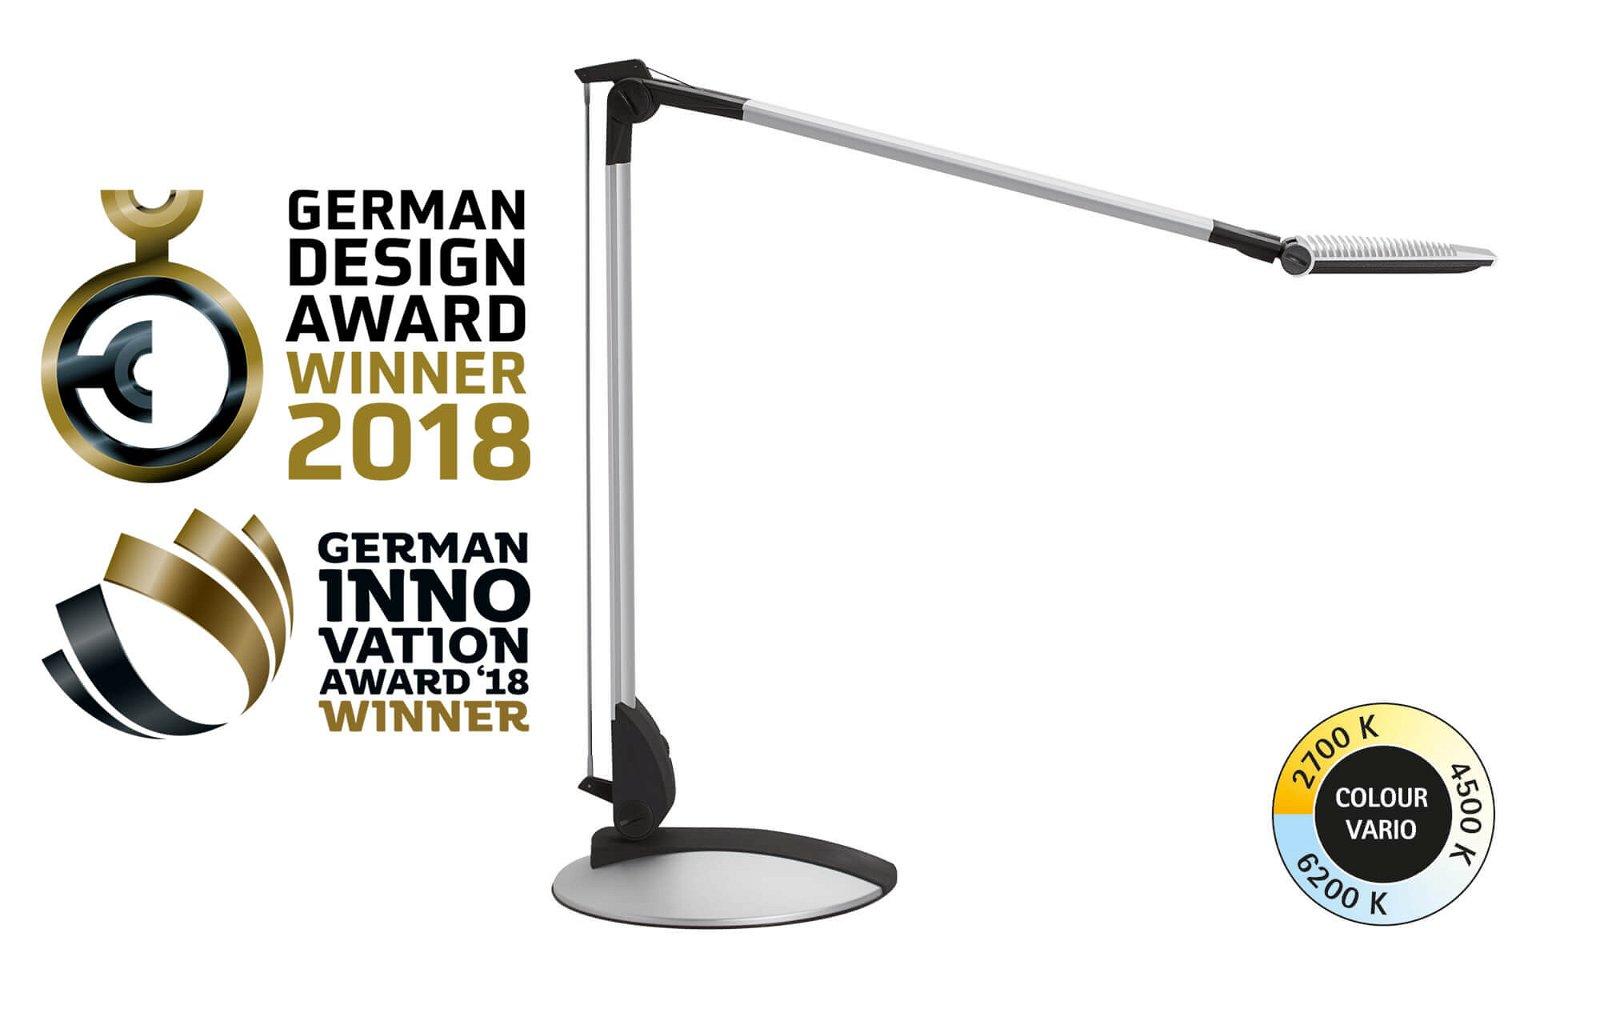 MAULoptimus colour vario German Design Award Winner 2018